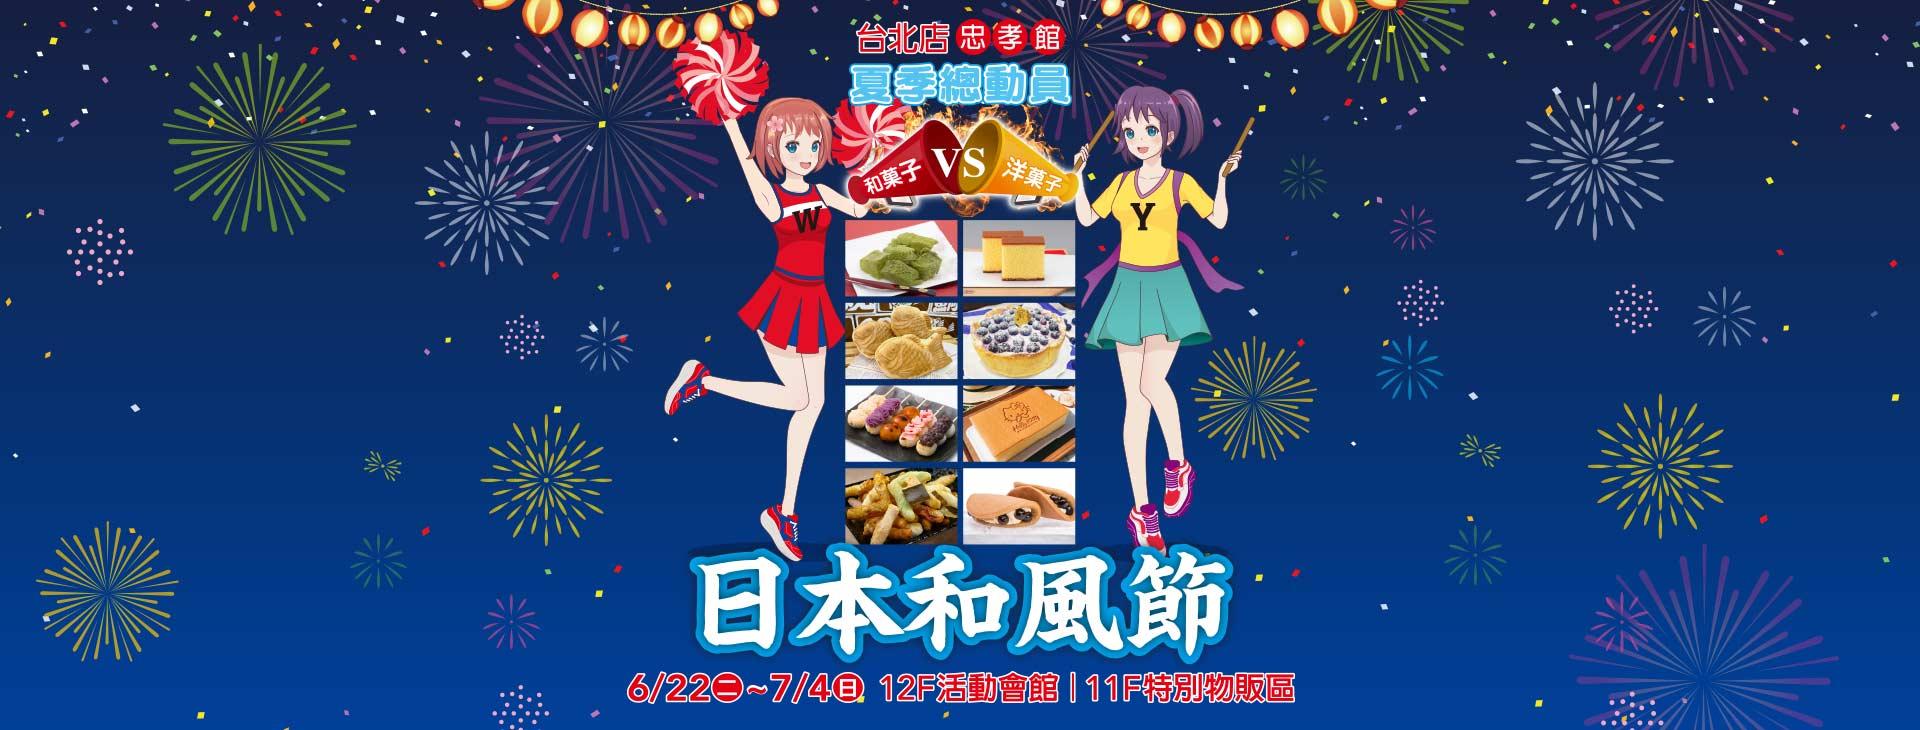 忠孝館「日本和風節」夏季總動員-和菓子VS洋菓子